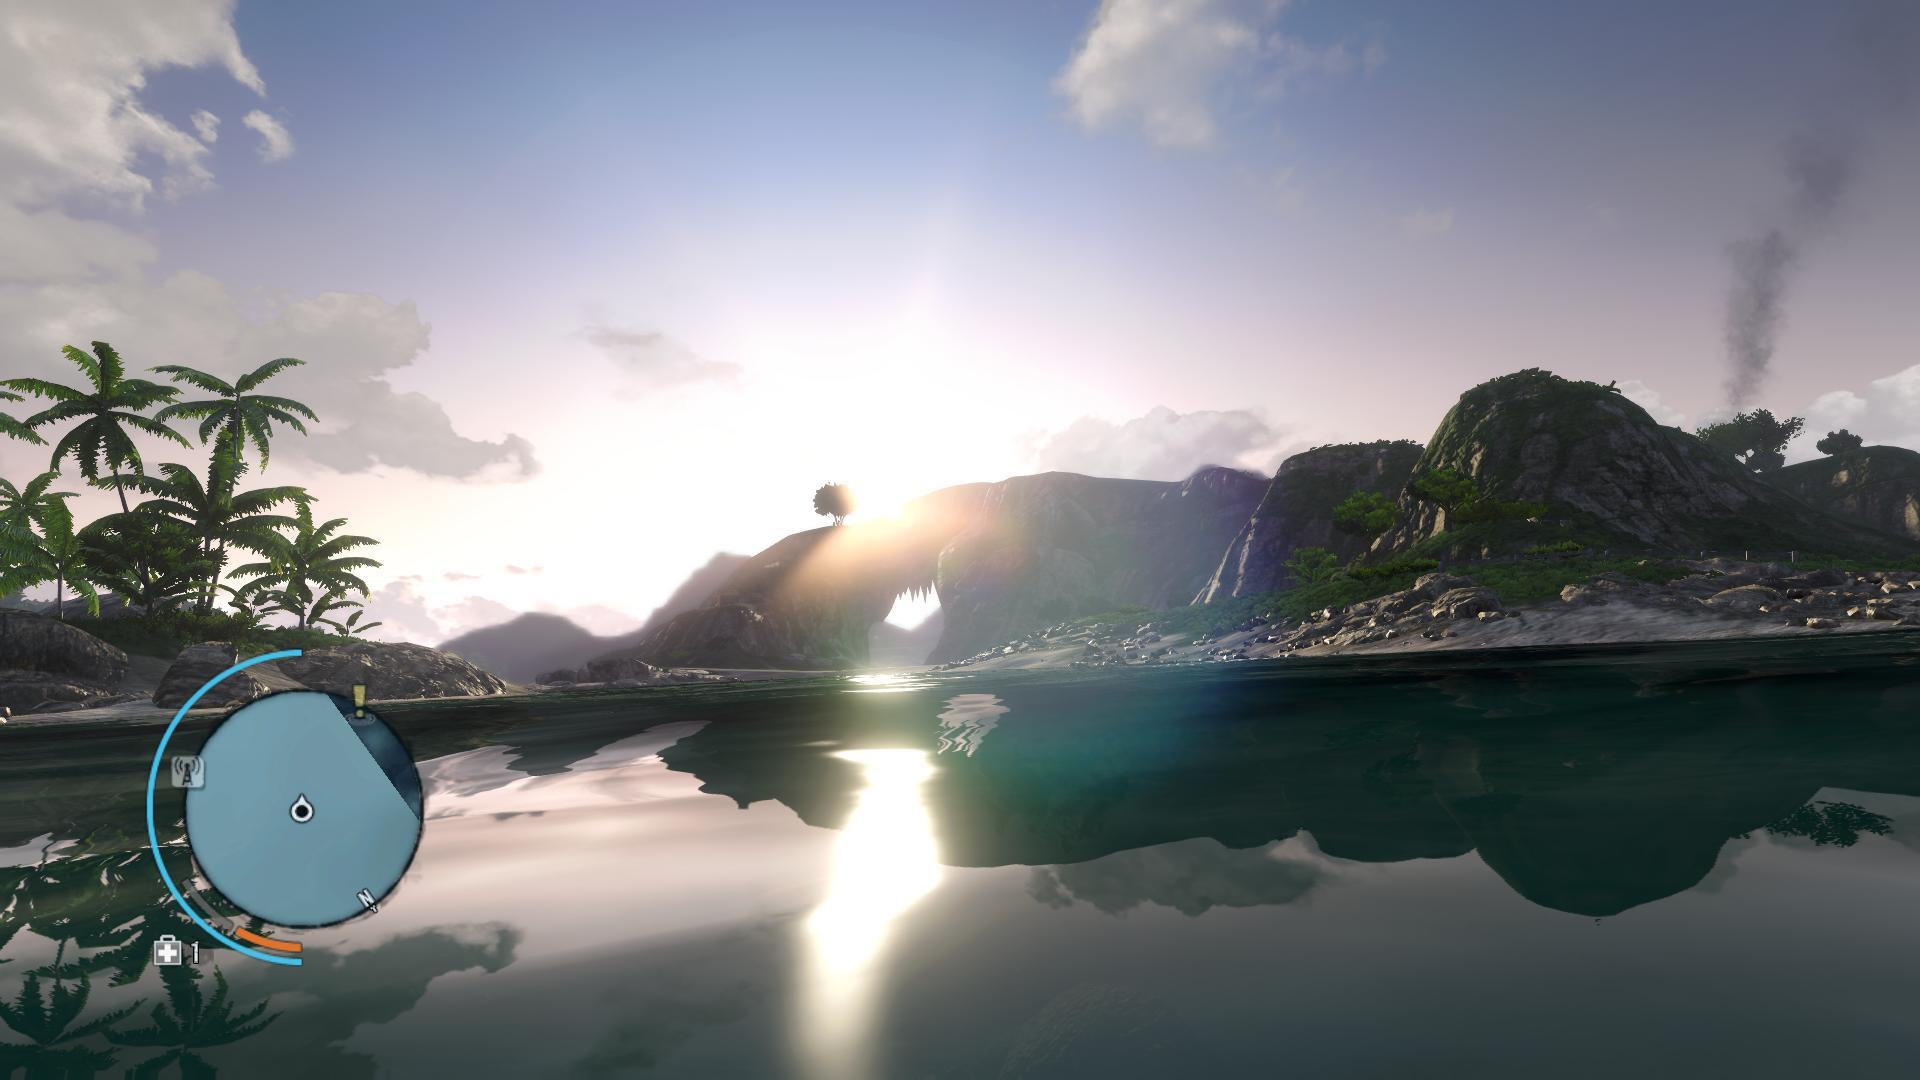 farcry3 d3d11 2012 12 04 17 44 57 41 - Recensione - Far Cry 3